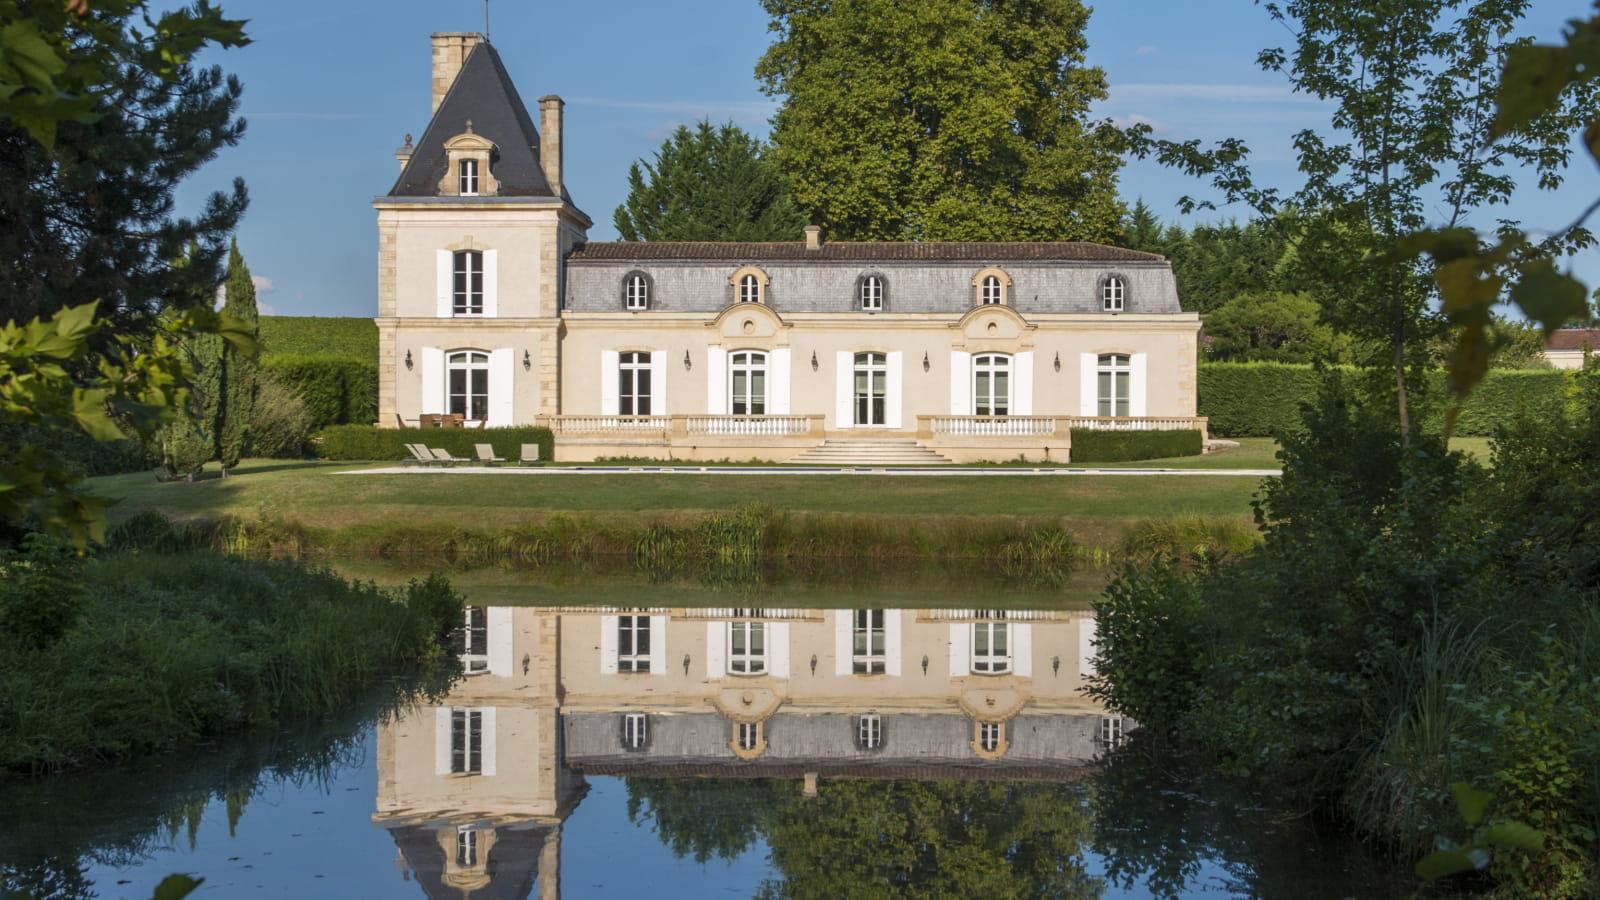 Chateau----Credit-photo-Vincent-Bengold